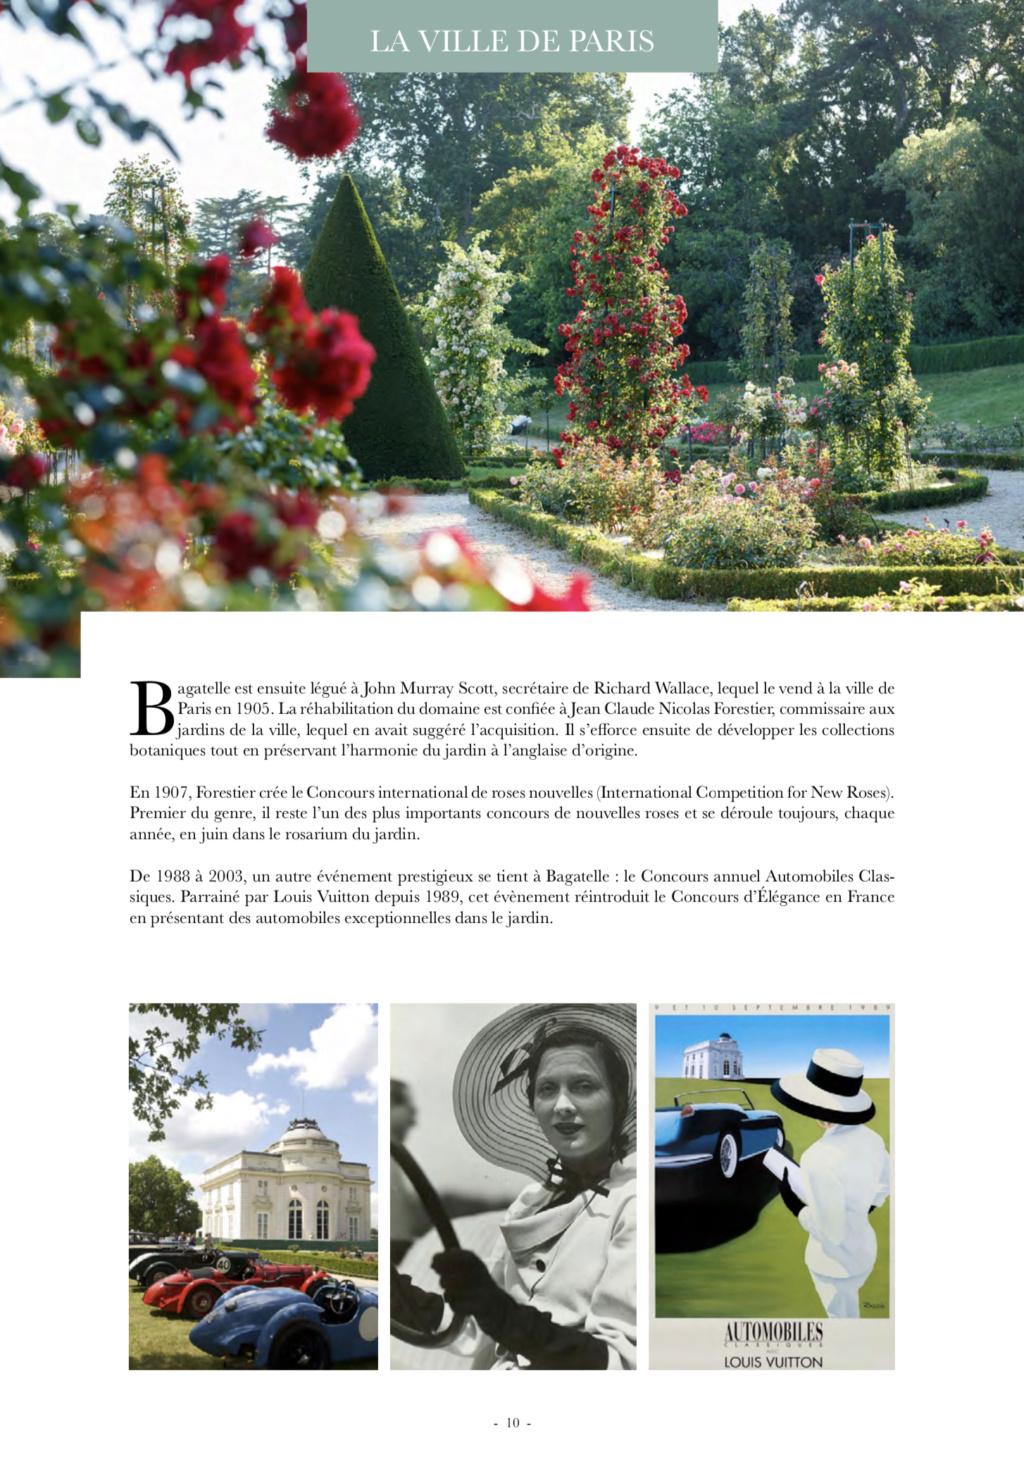 """Le château de Bagatelle : la """" folie """" du comte d'Artois - Page 3 Capt2802"""